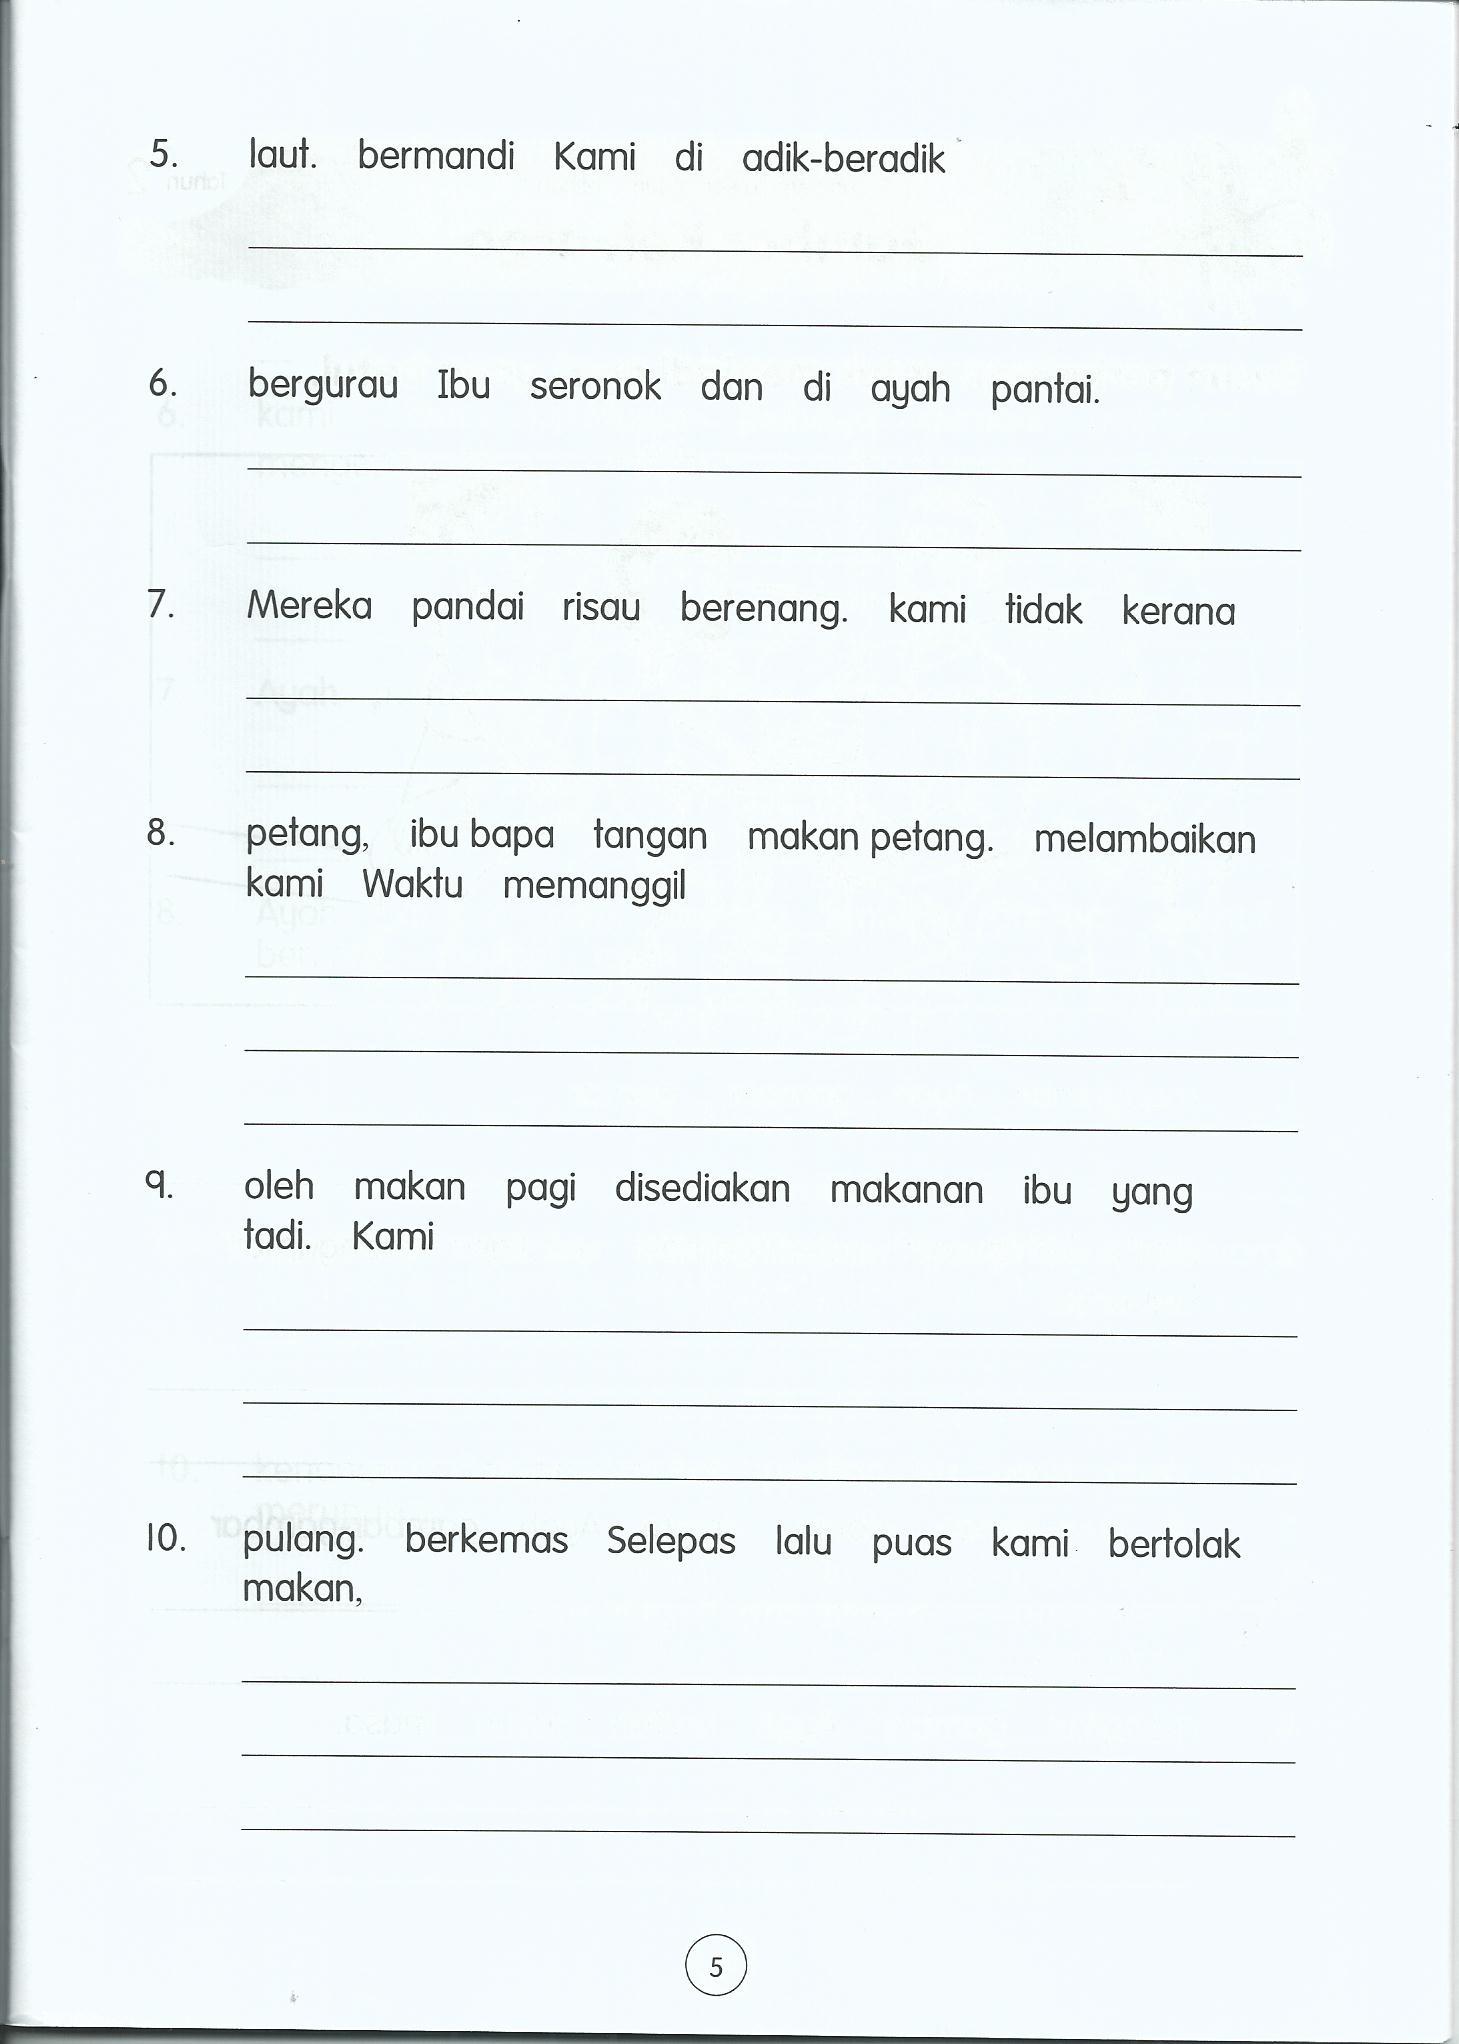 Grammar Year 4 Worksheet